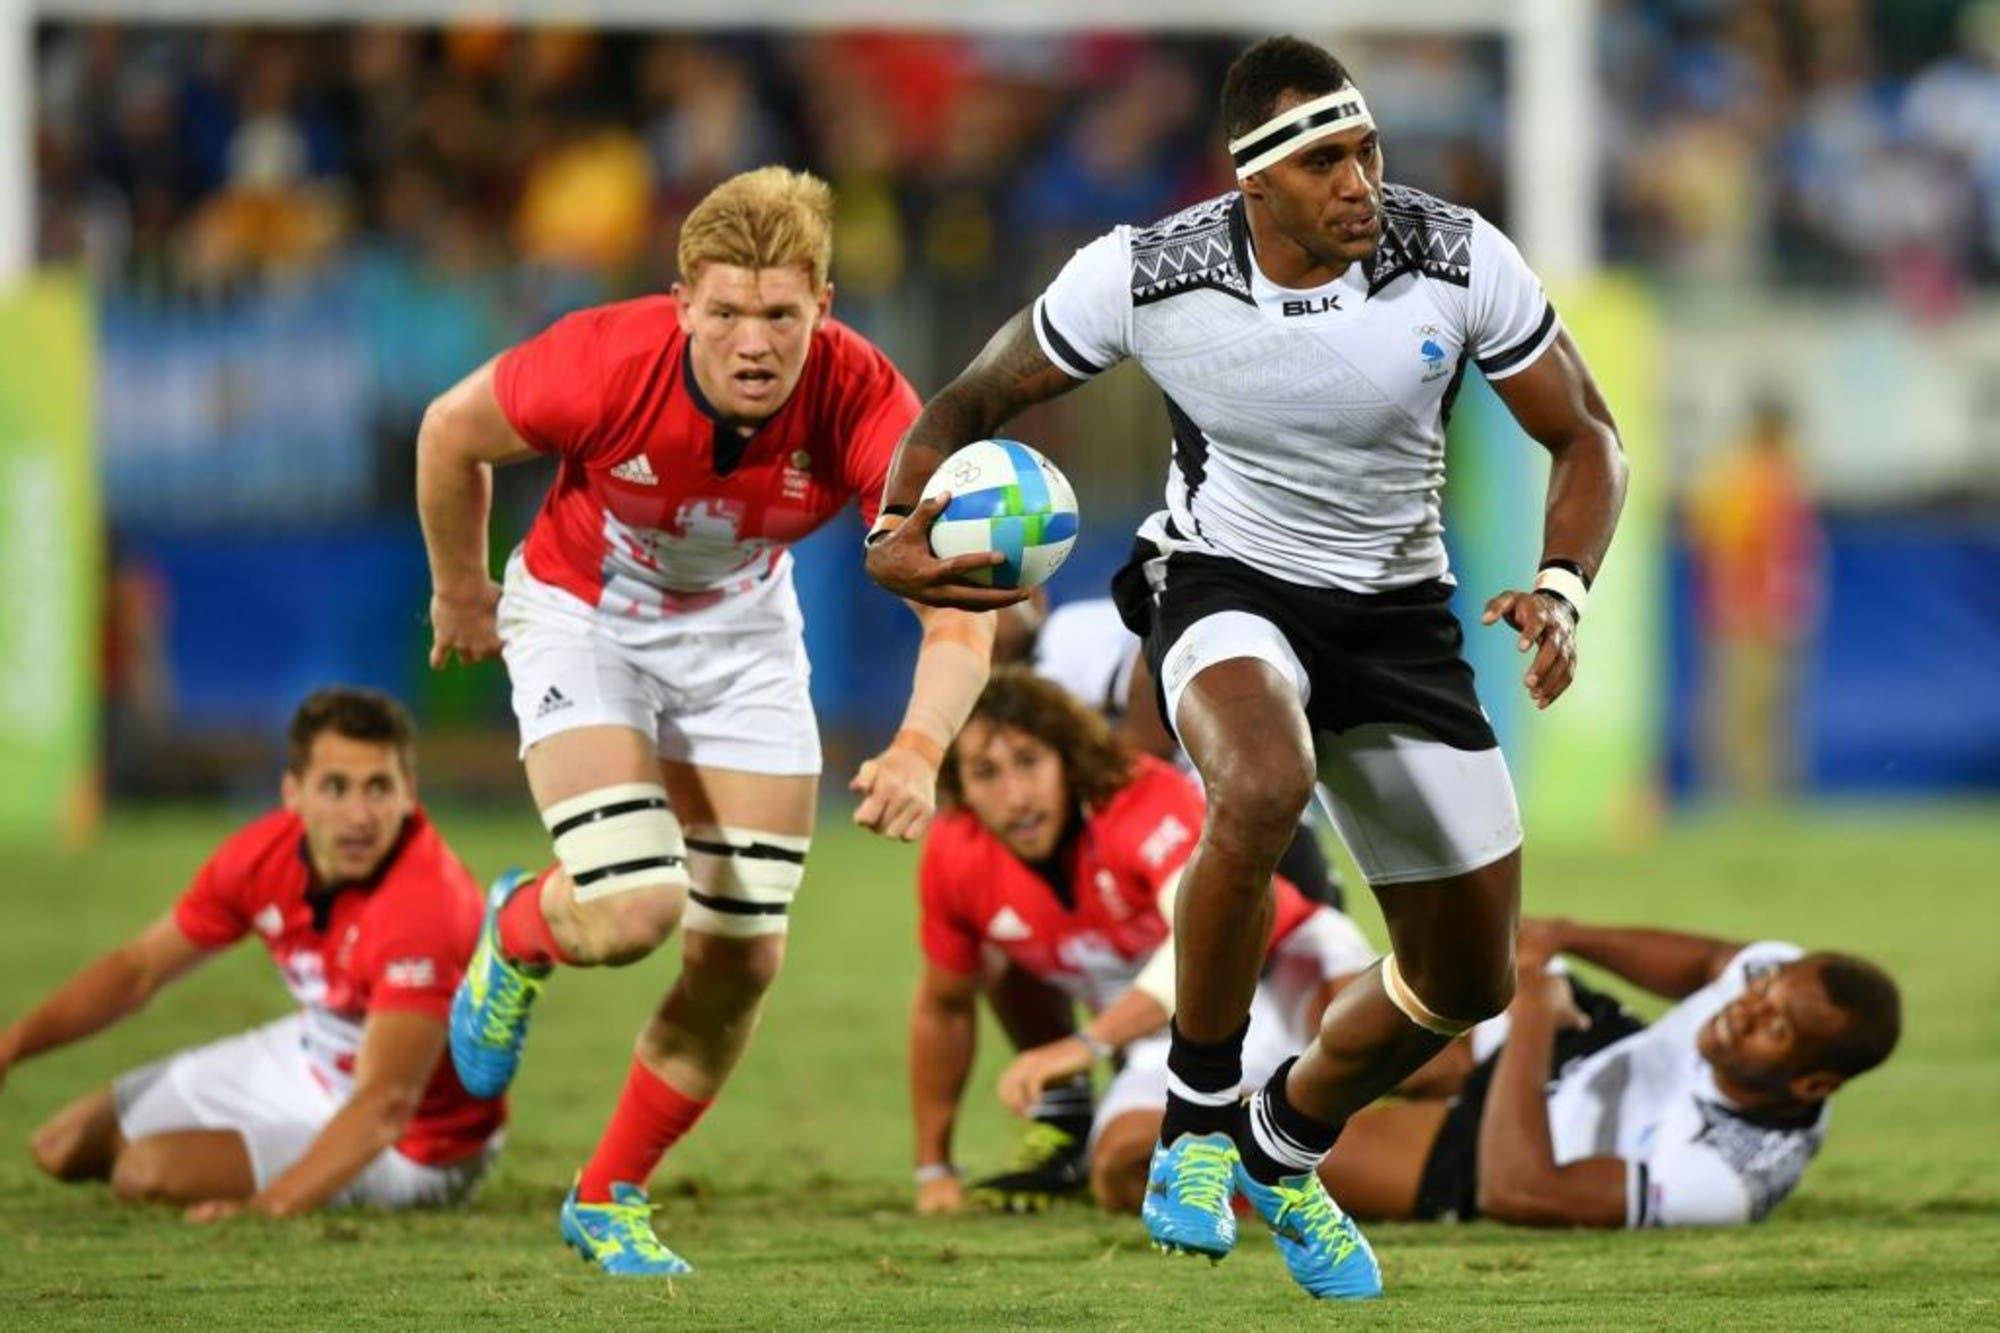 Tokio 2020: reglamento y características del Rugby Seven